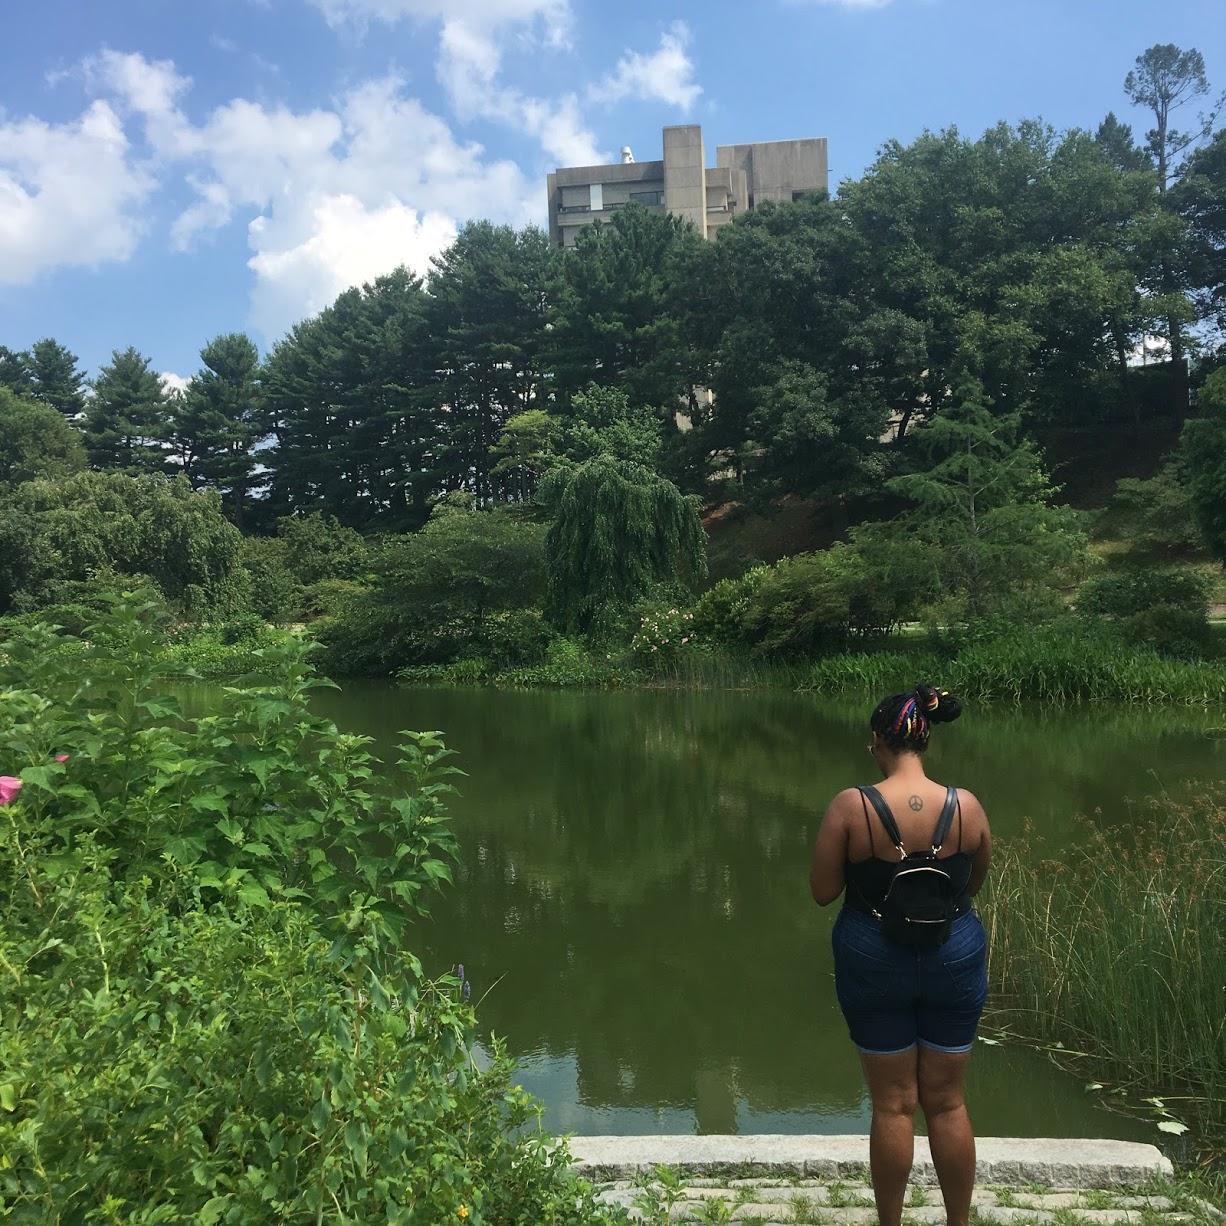 harbard-arboretum-pond.JPG